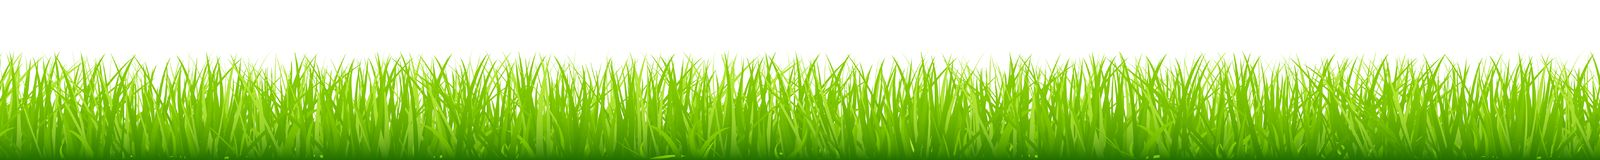 Γραφικό ευθύ πράσινο μακρύ οριζόντιο έμβλημα λιβαδιών ελεύθερη απεικόνιση δικαιώματος